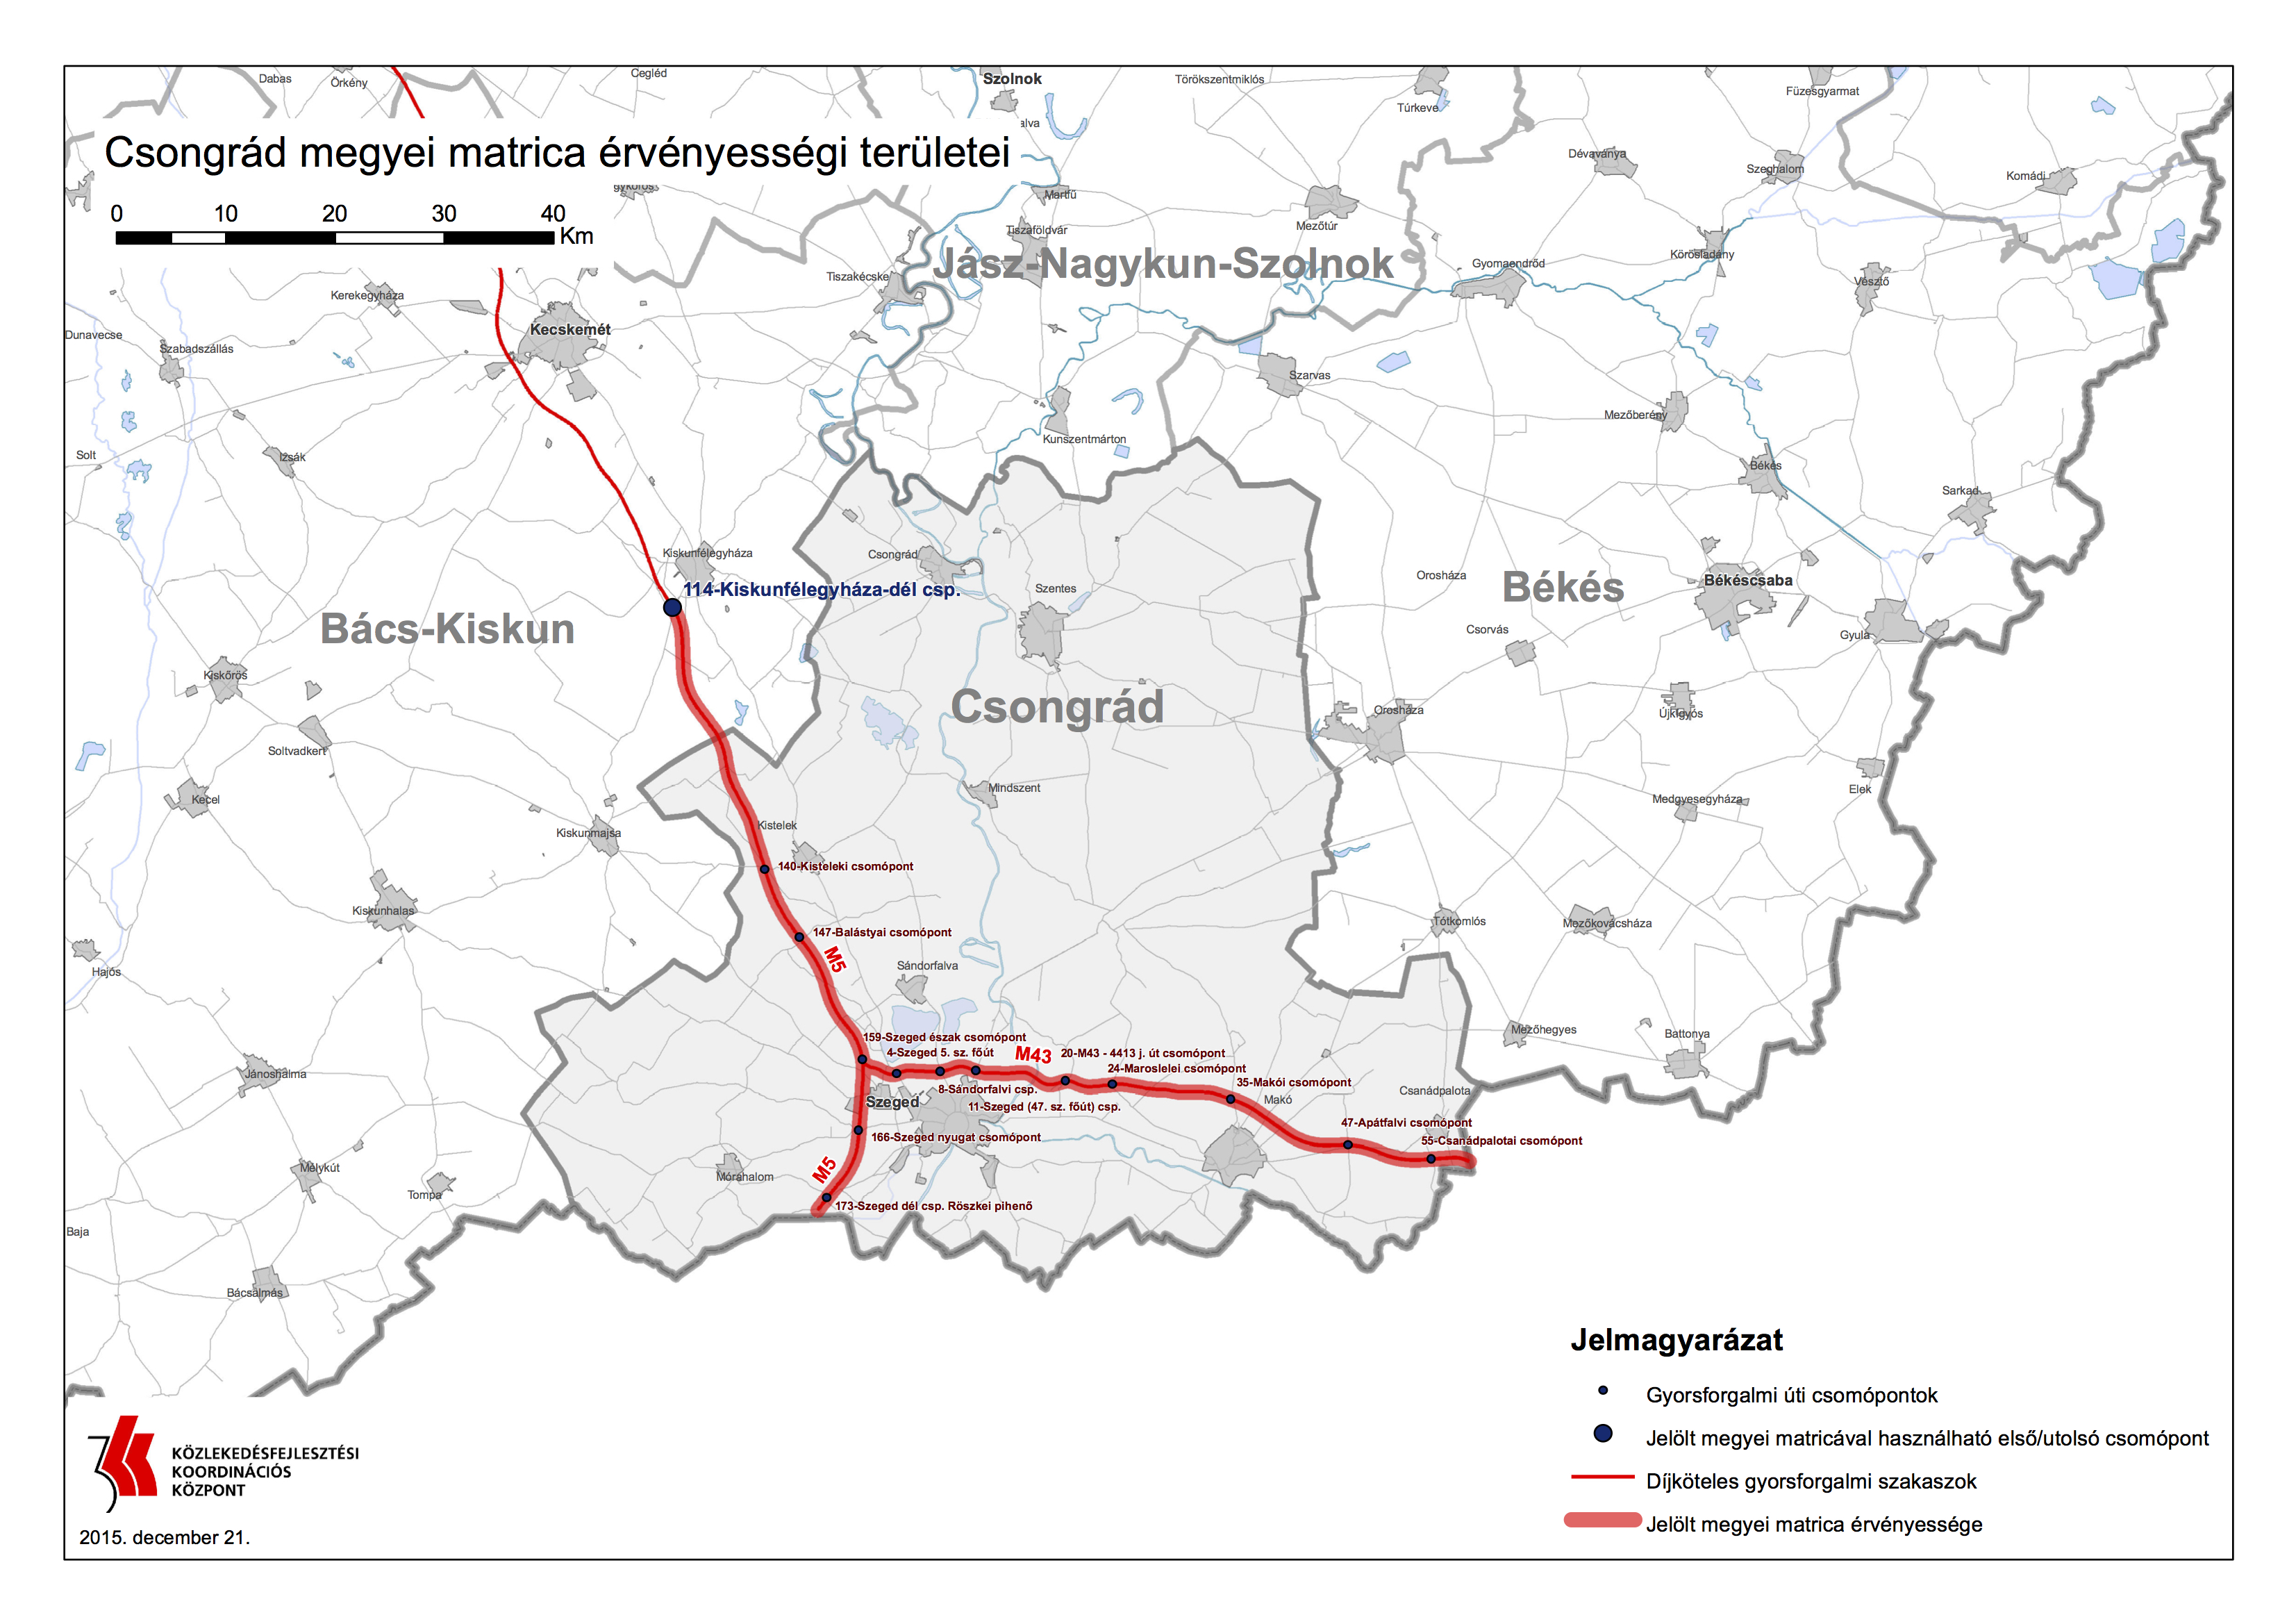 magyarország térkép csongrád megye Autó és Stílus Online   Újabb gyorsforgalmi utak váltak fizetőssé  magyarország térkép csongrád megye